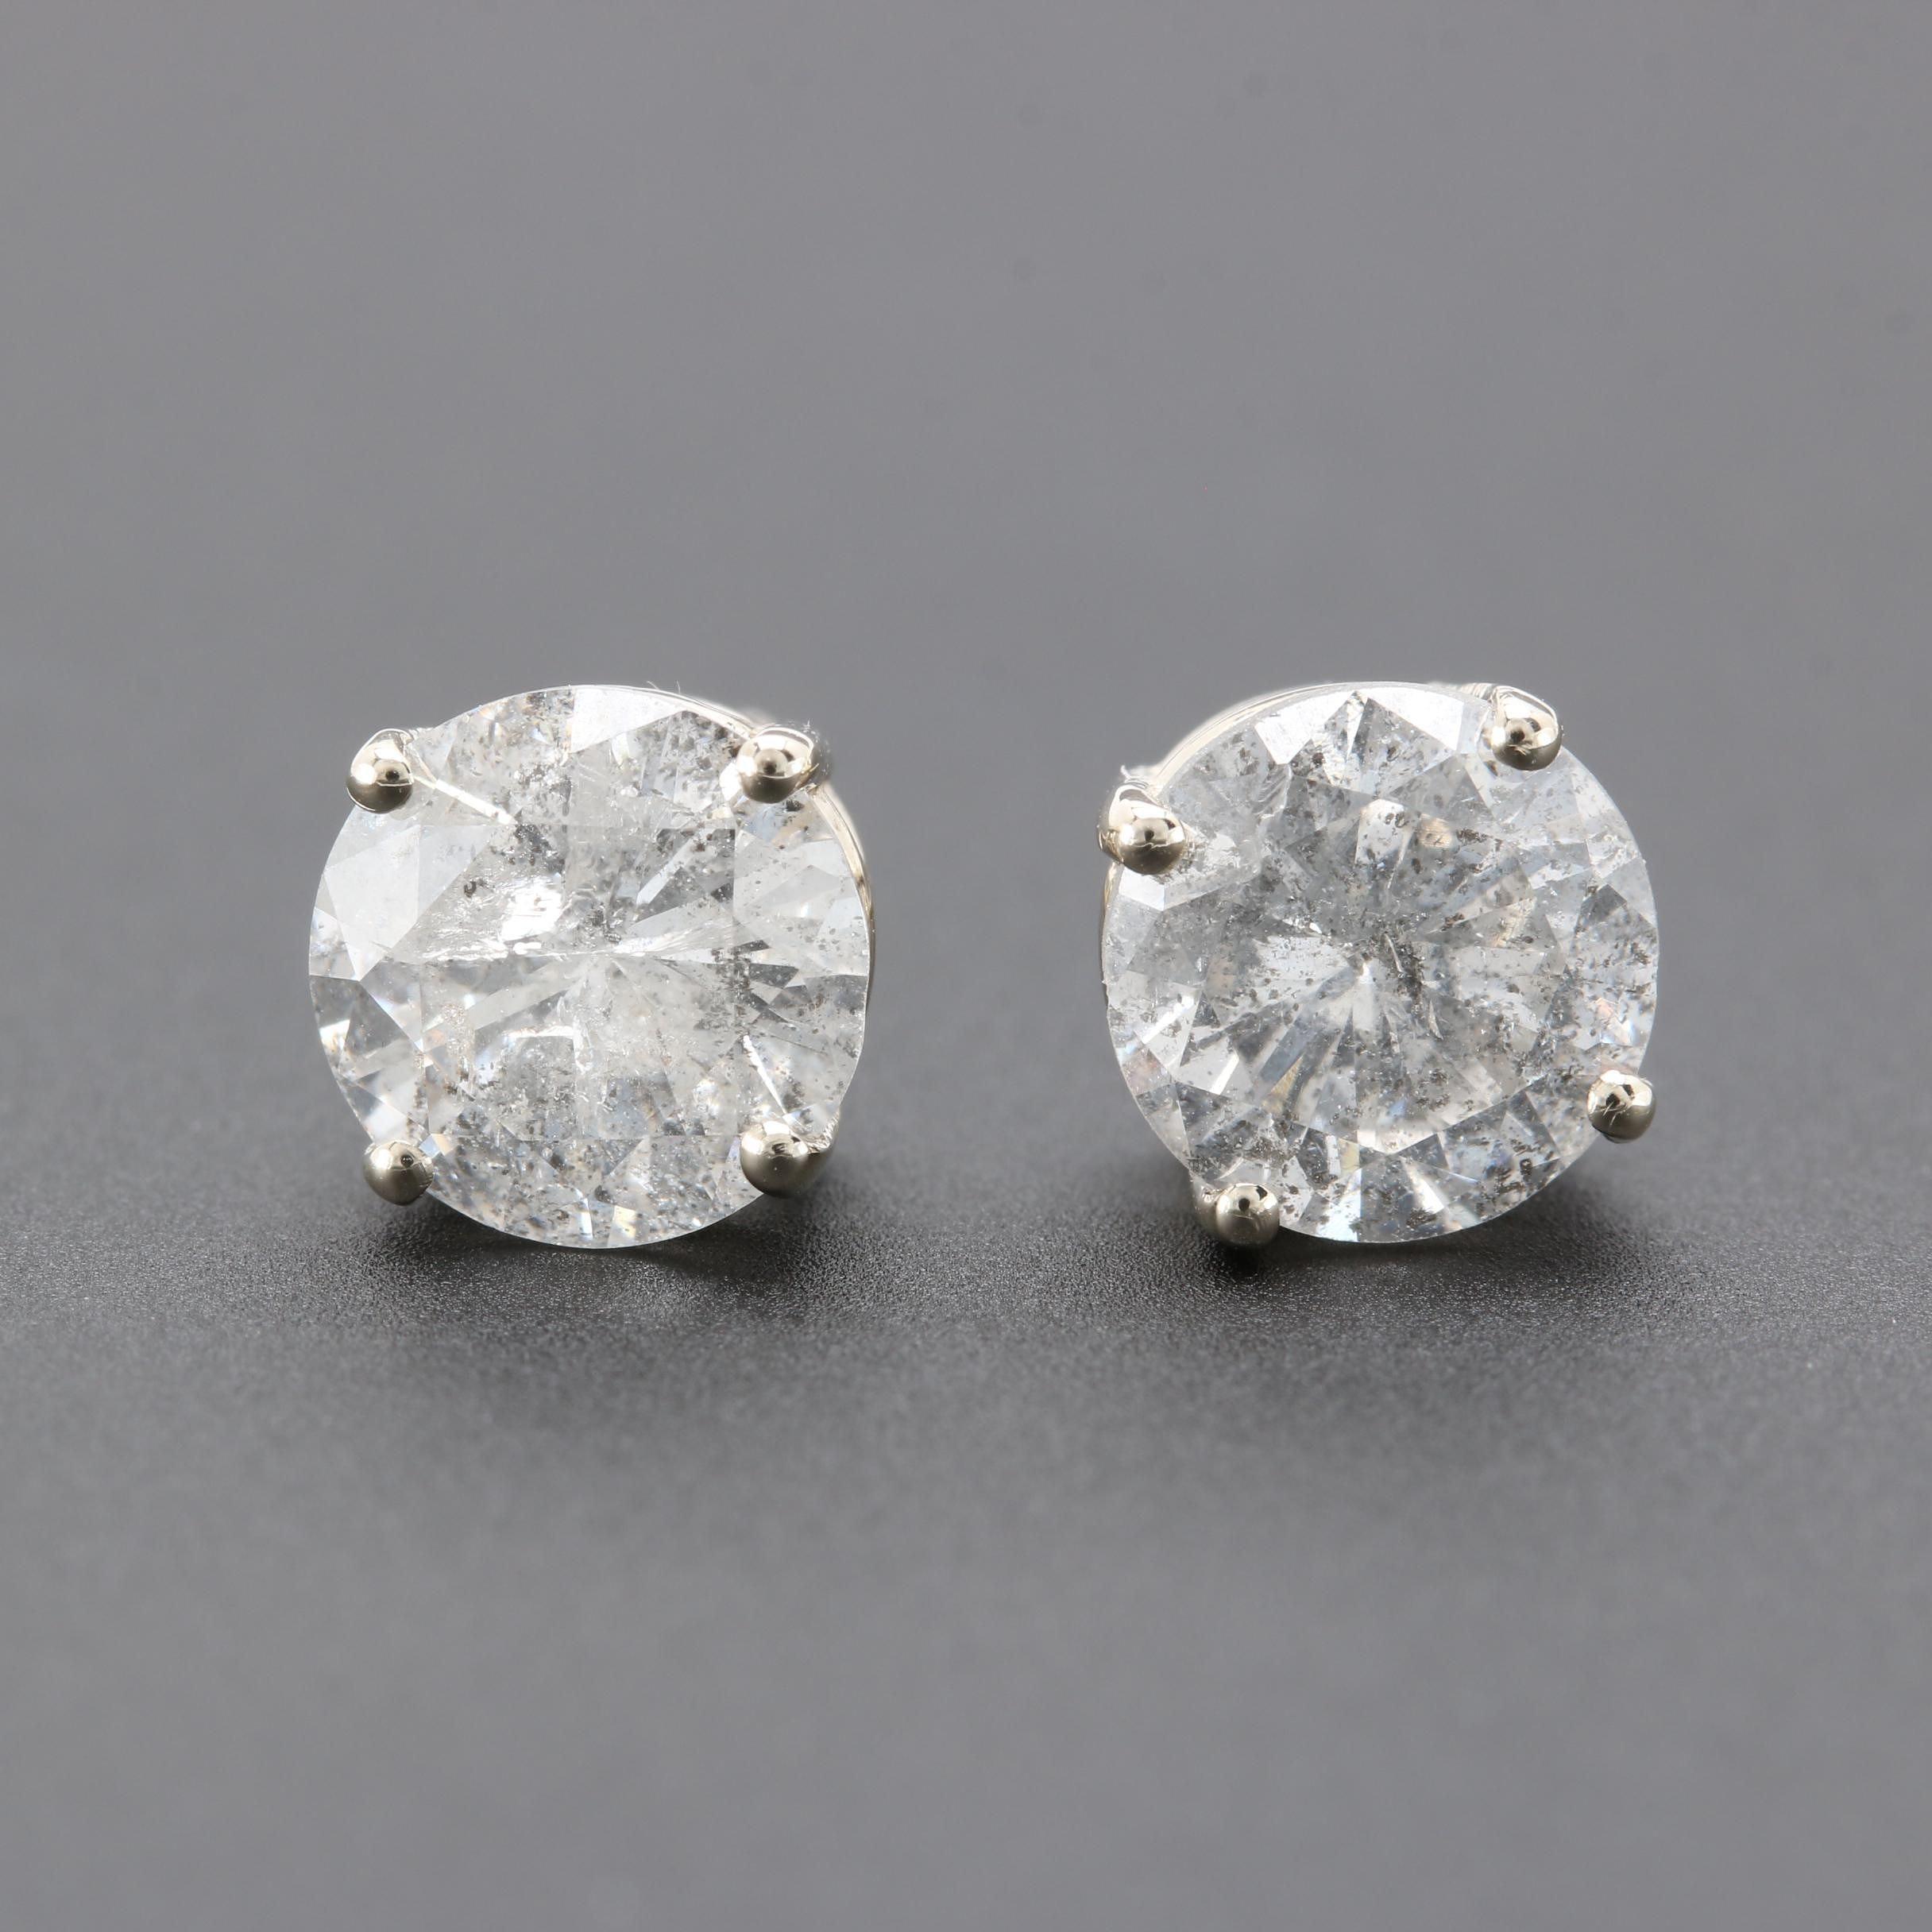 14K White Gold 2.56 CTW Diamond Stud Earrings